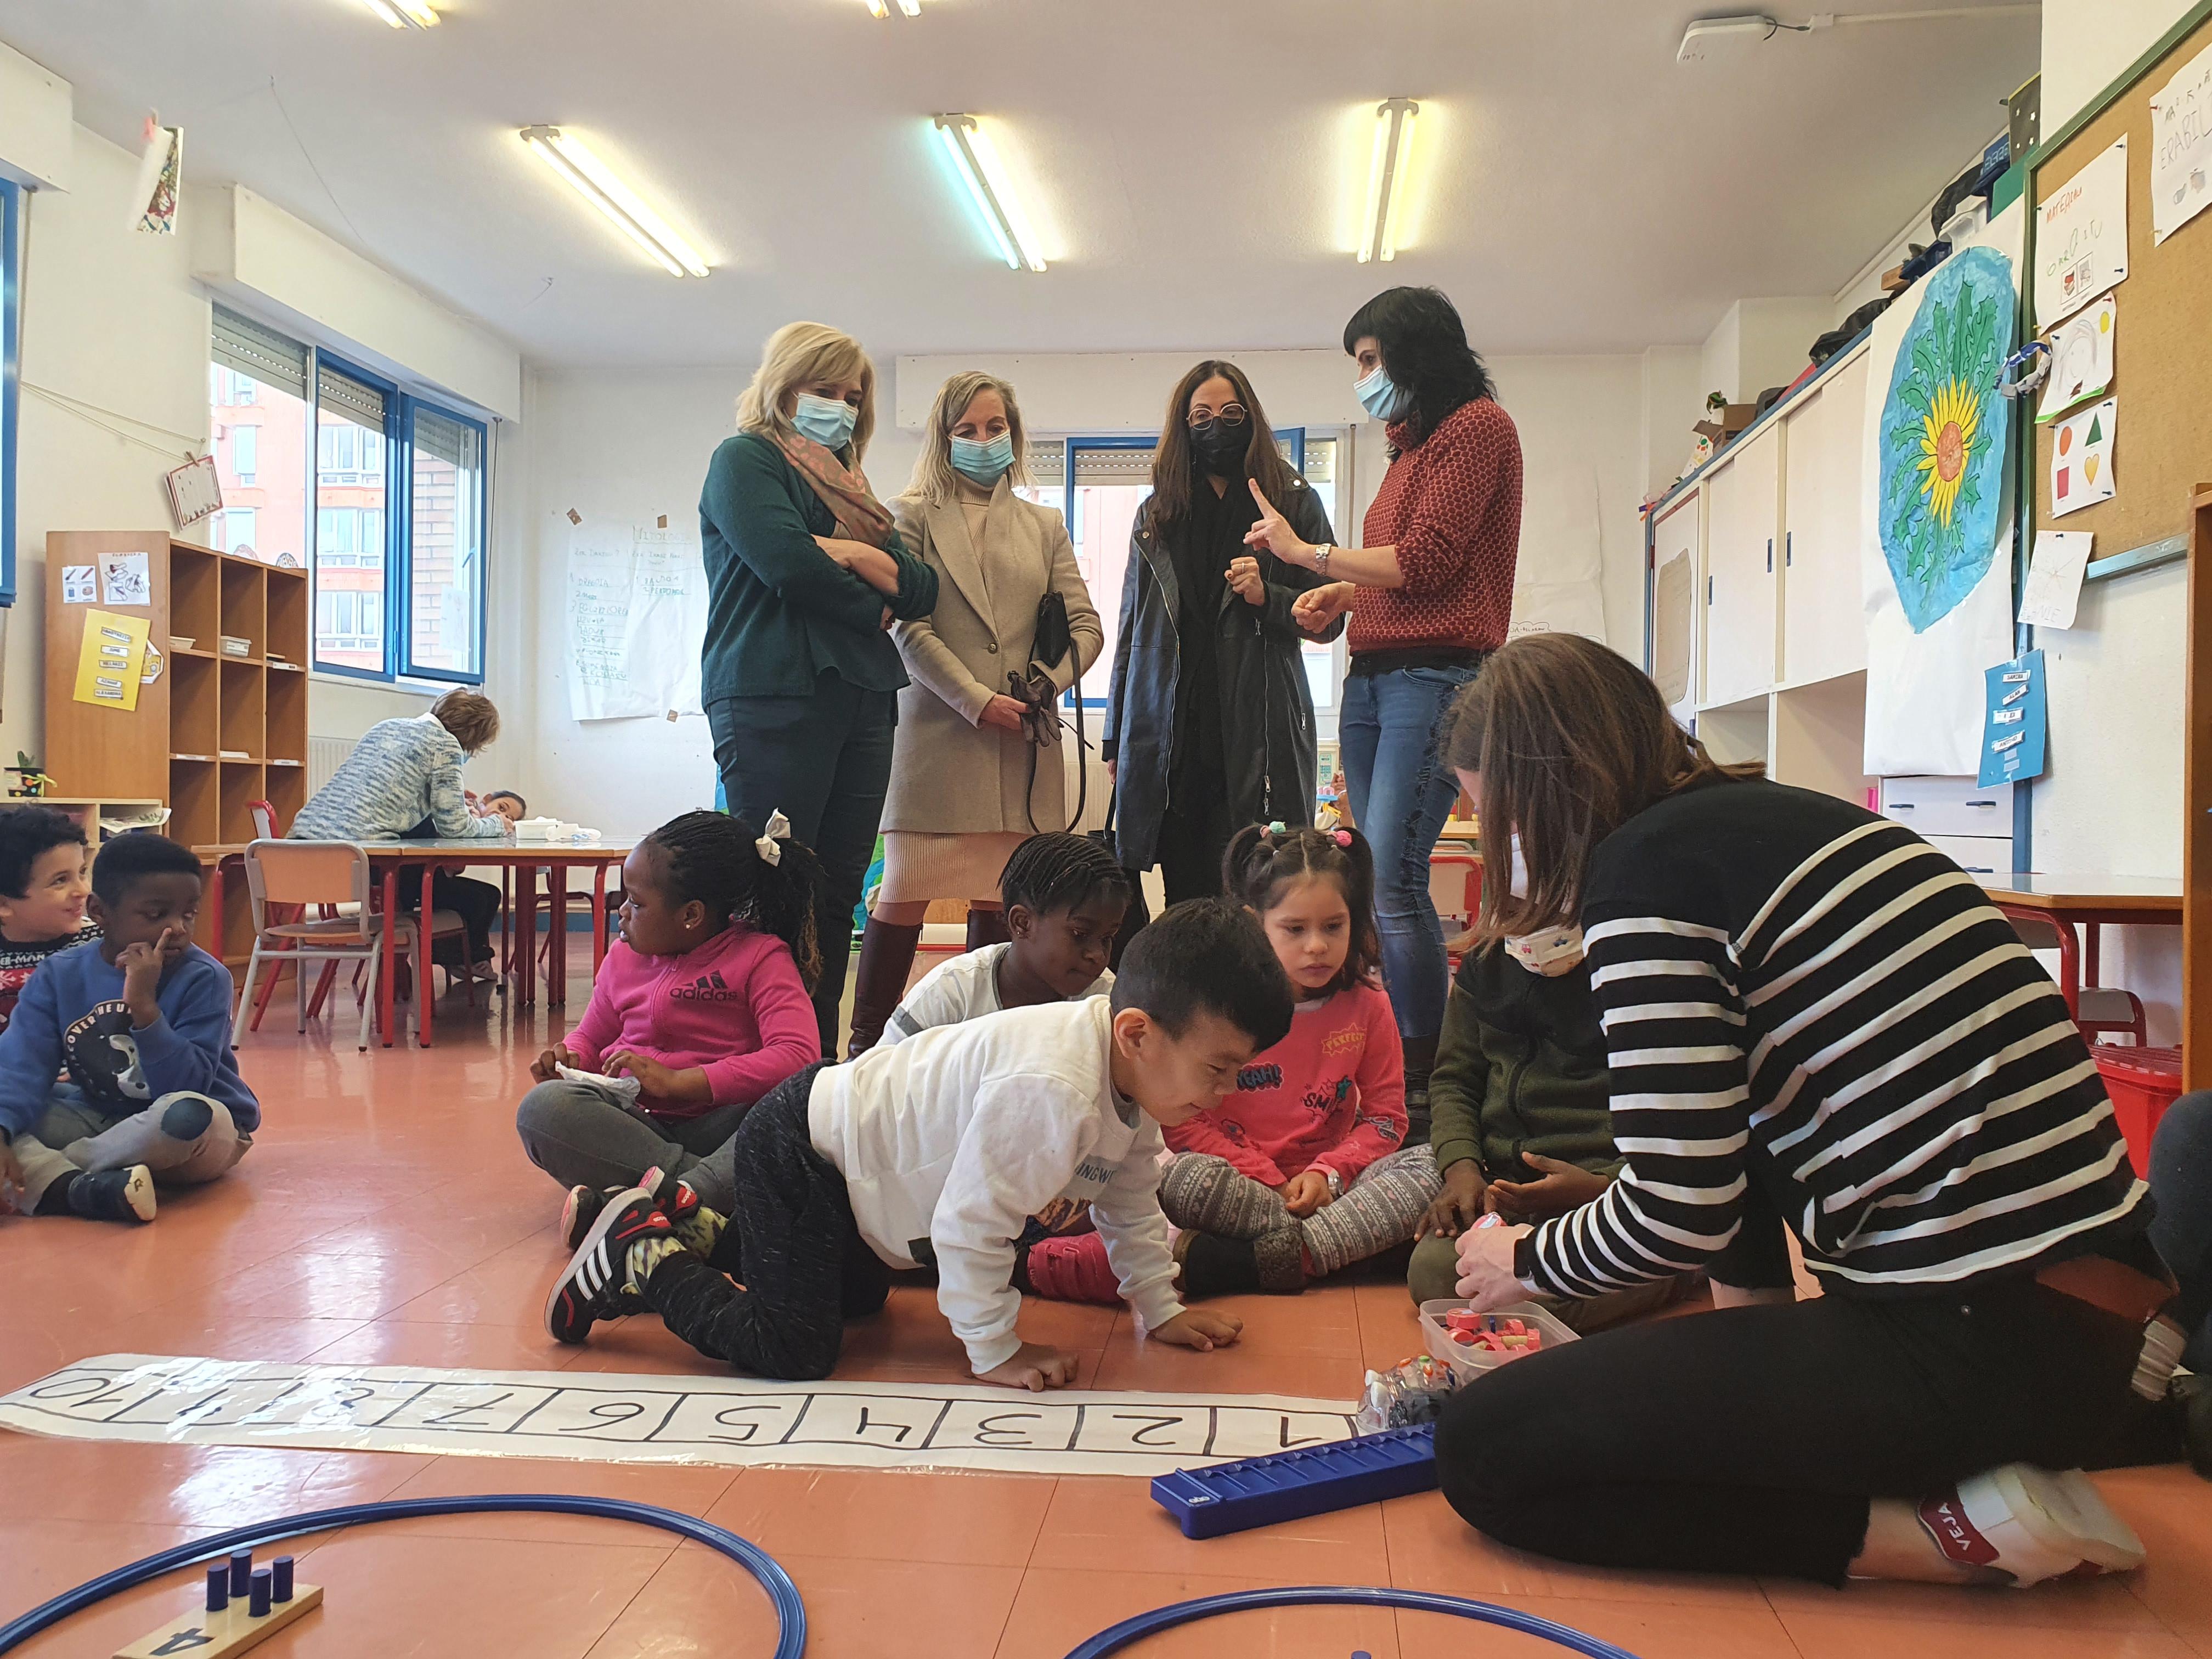 Día Internacional de la Mujer y la Niña en la Ciencia: visita al colegio público San Martín de Vitoria-Gasteiz [8:12]